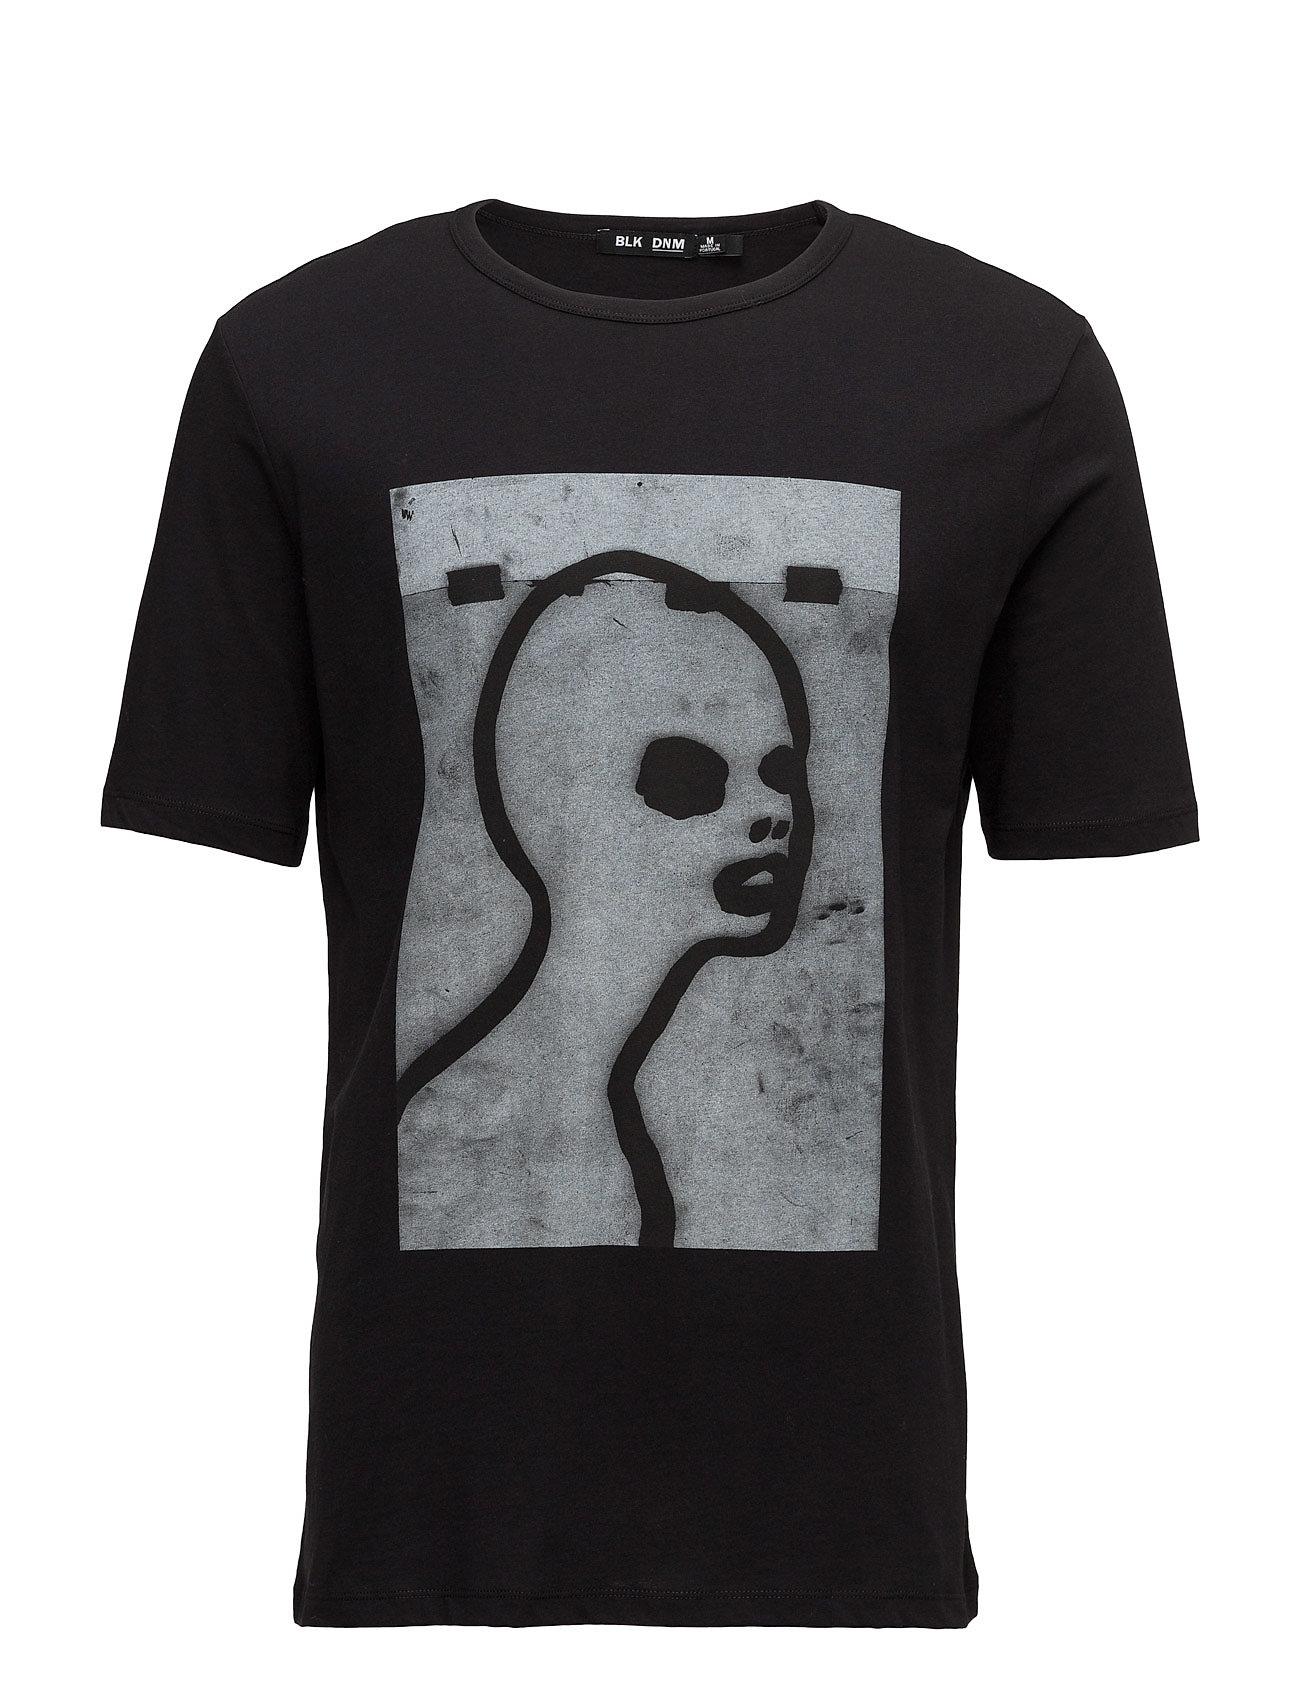 T-Shirt 123 BLK DNM Kortærmede til Herrer i Sort